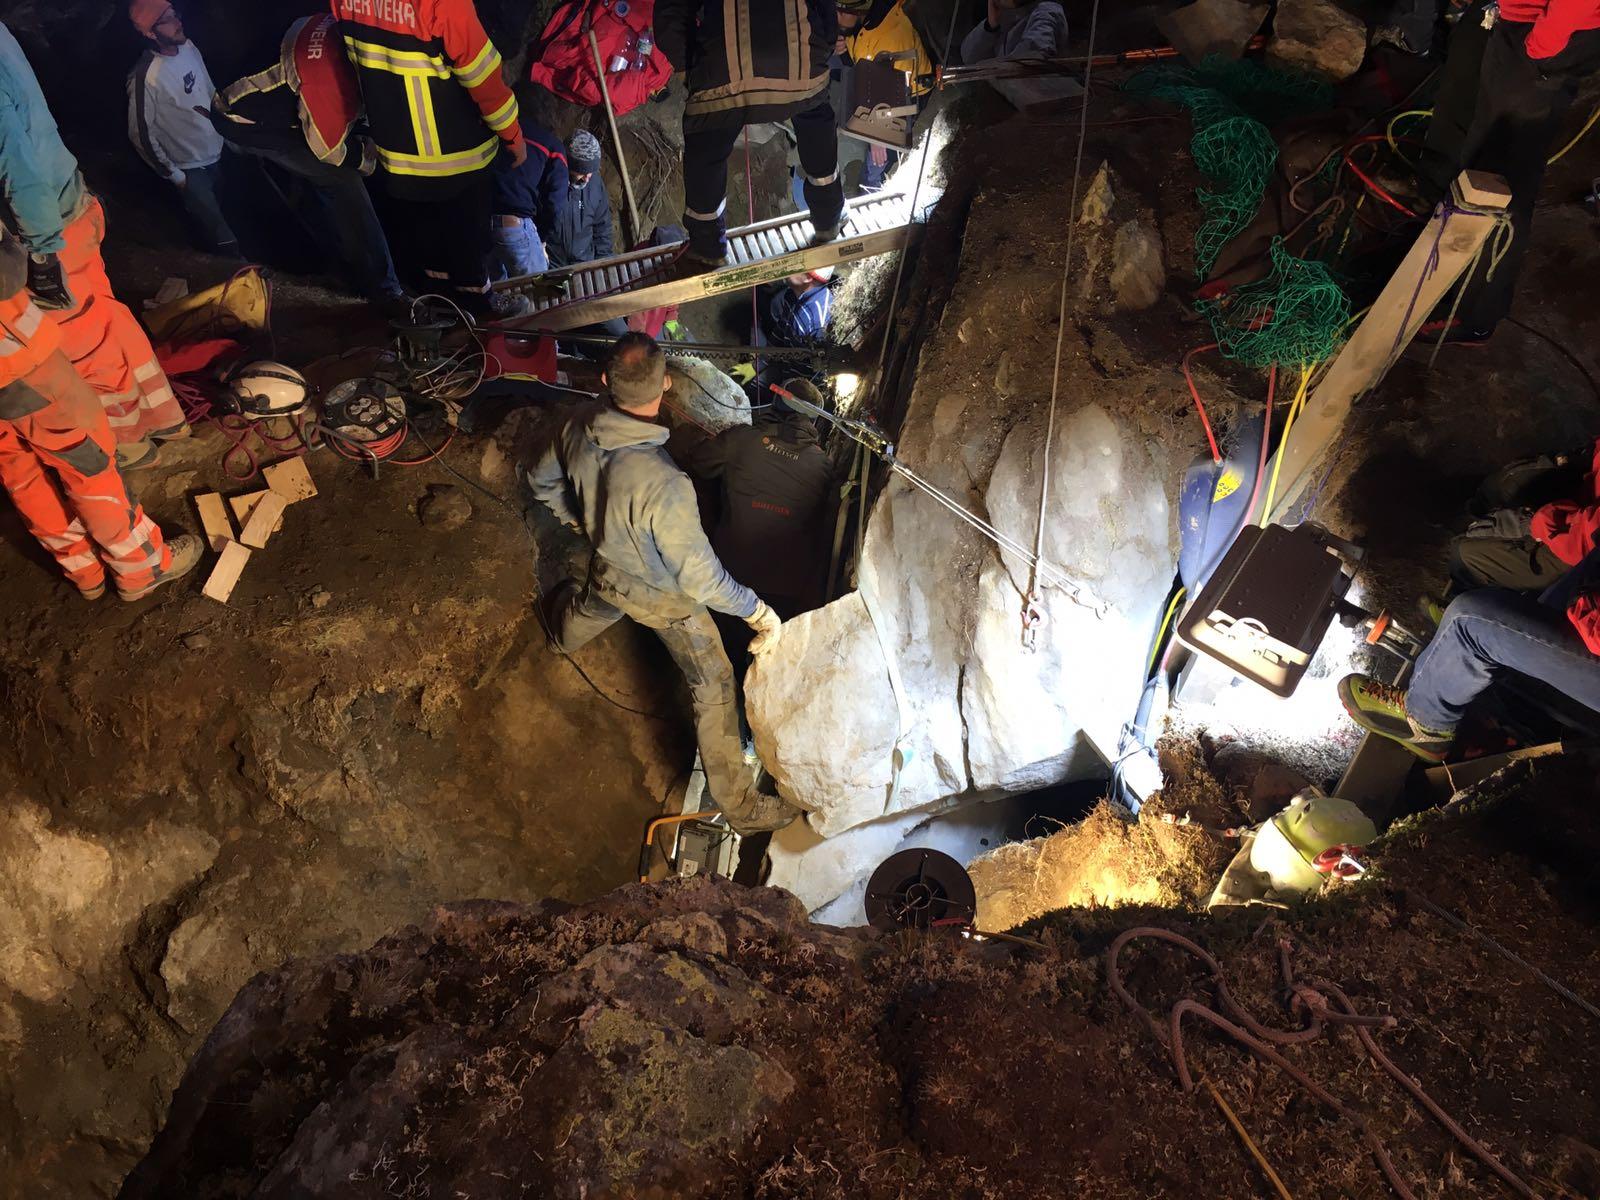 Une fillette secourue après avoir passé plus de 12 heures dans une crevasse — Suisse